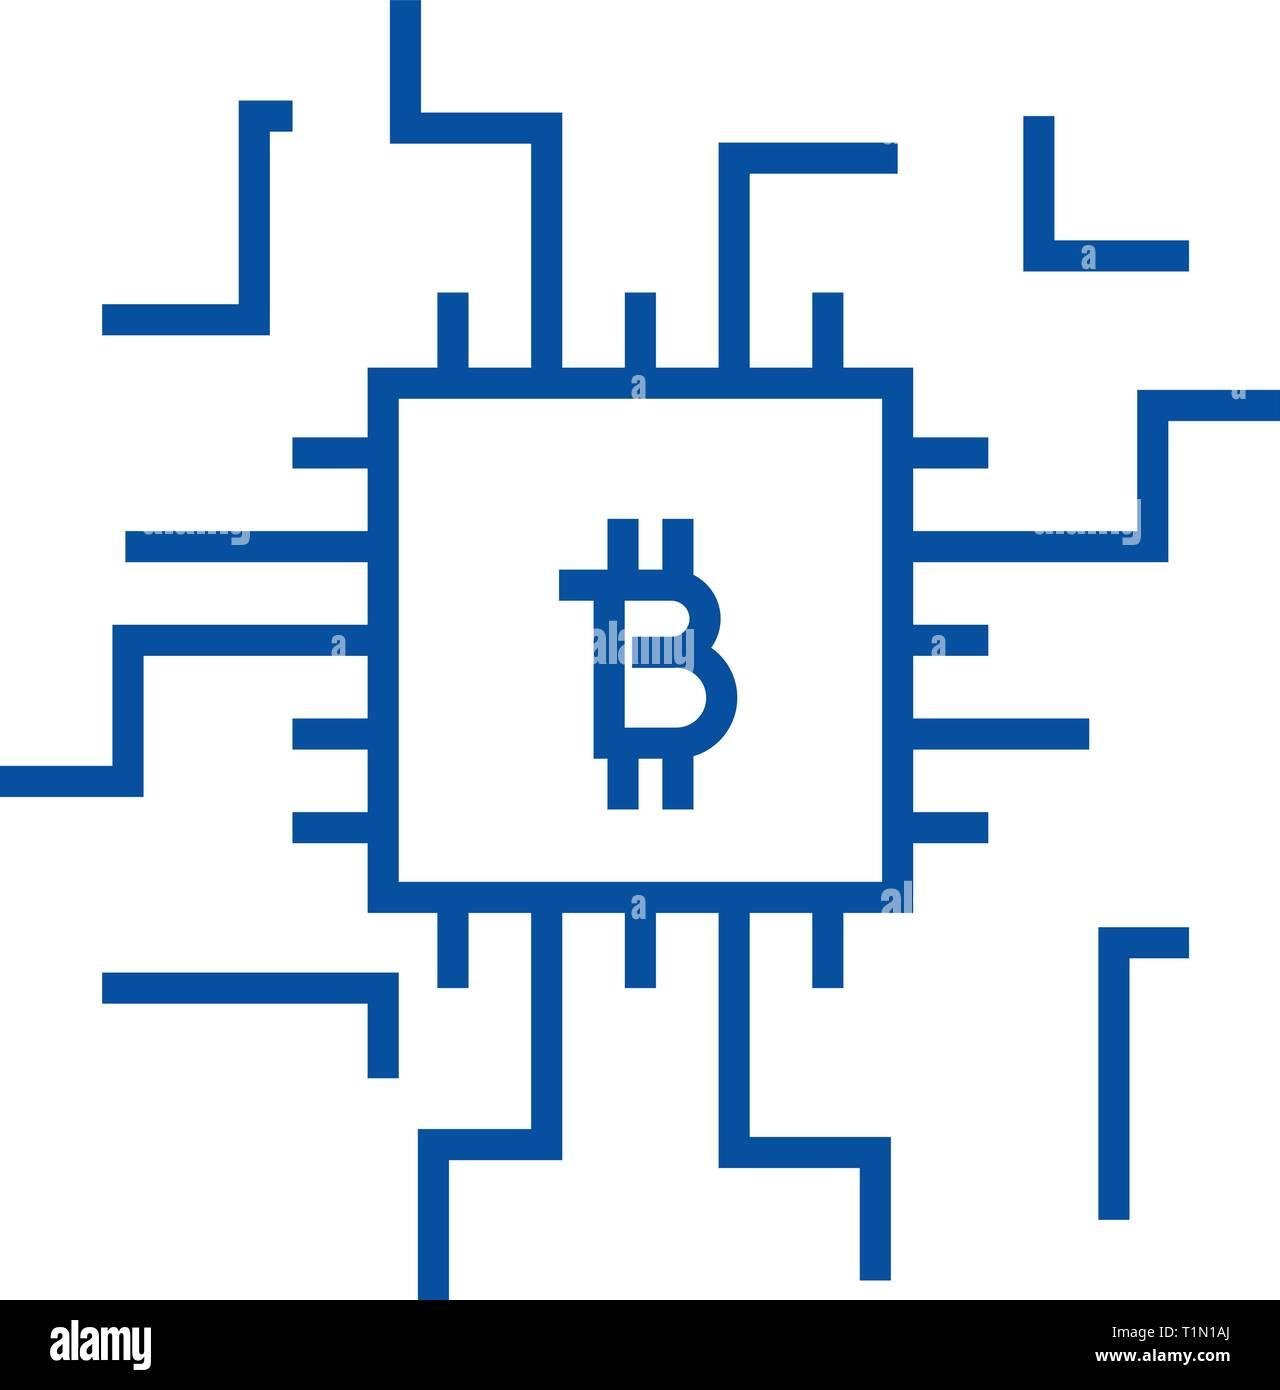 L'icône de la ligne concept Fintech concept. Notion de vecteur Fintech télévision symbole, signe, contours illustration. Illustration de Vecteur